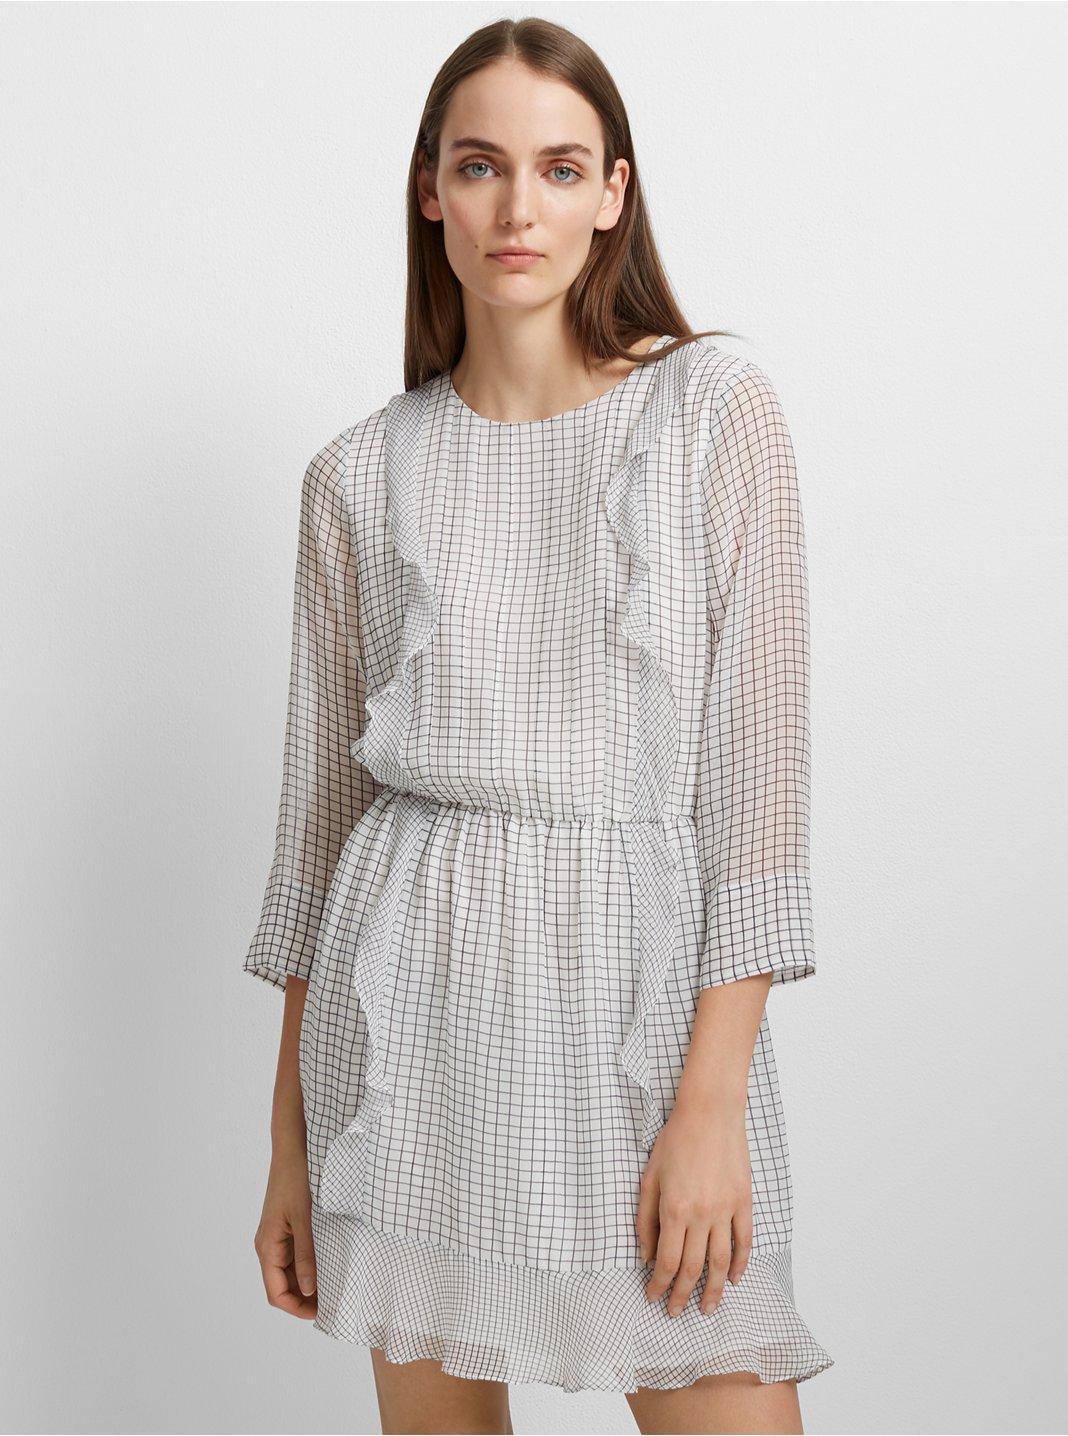 Caluh Silk Dress